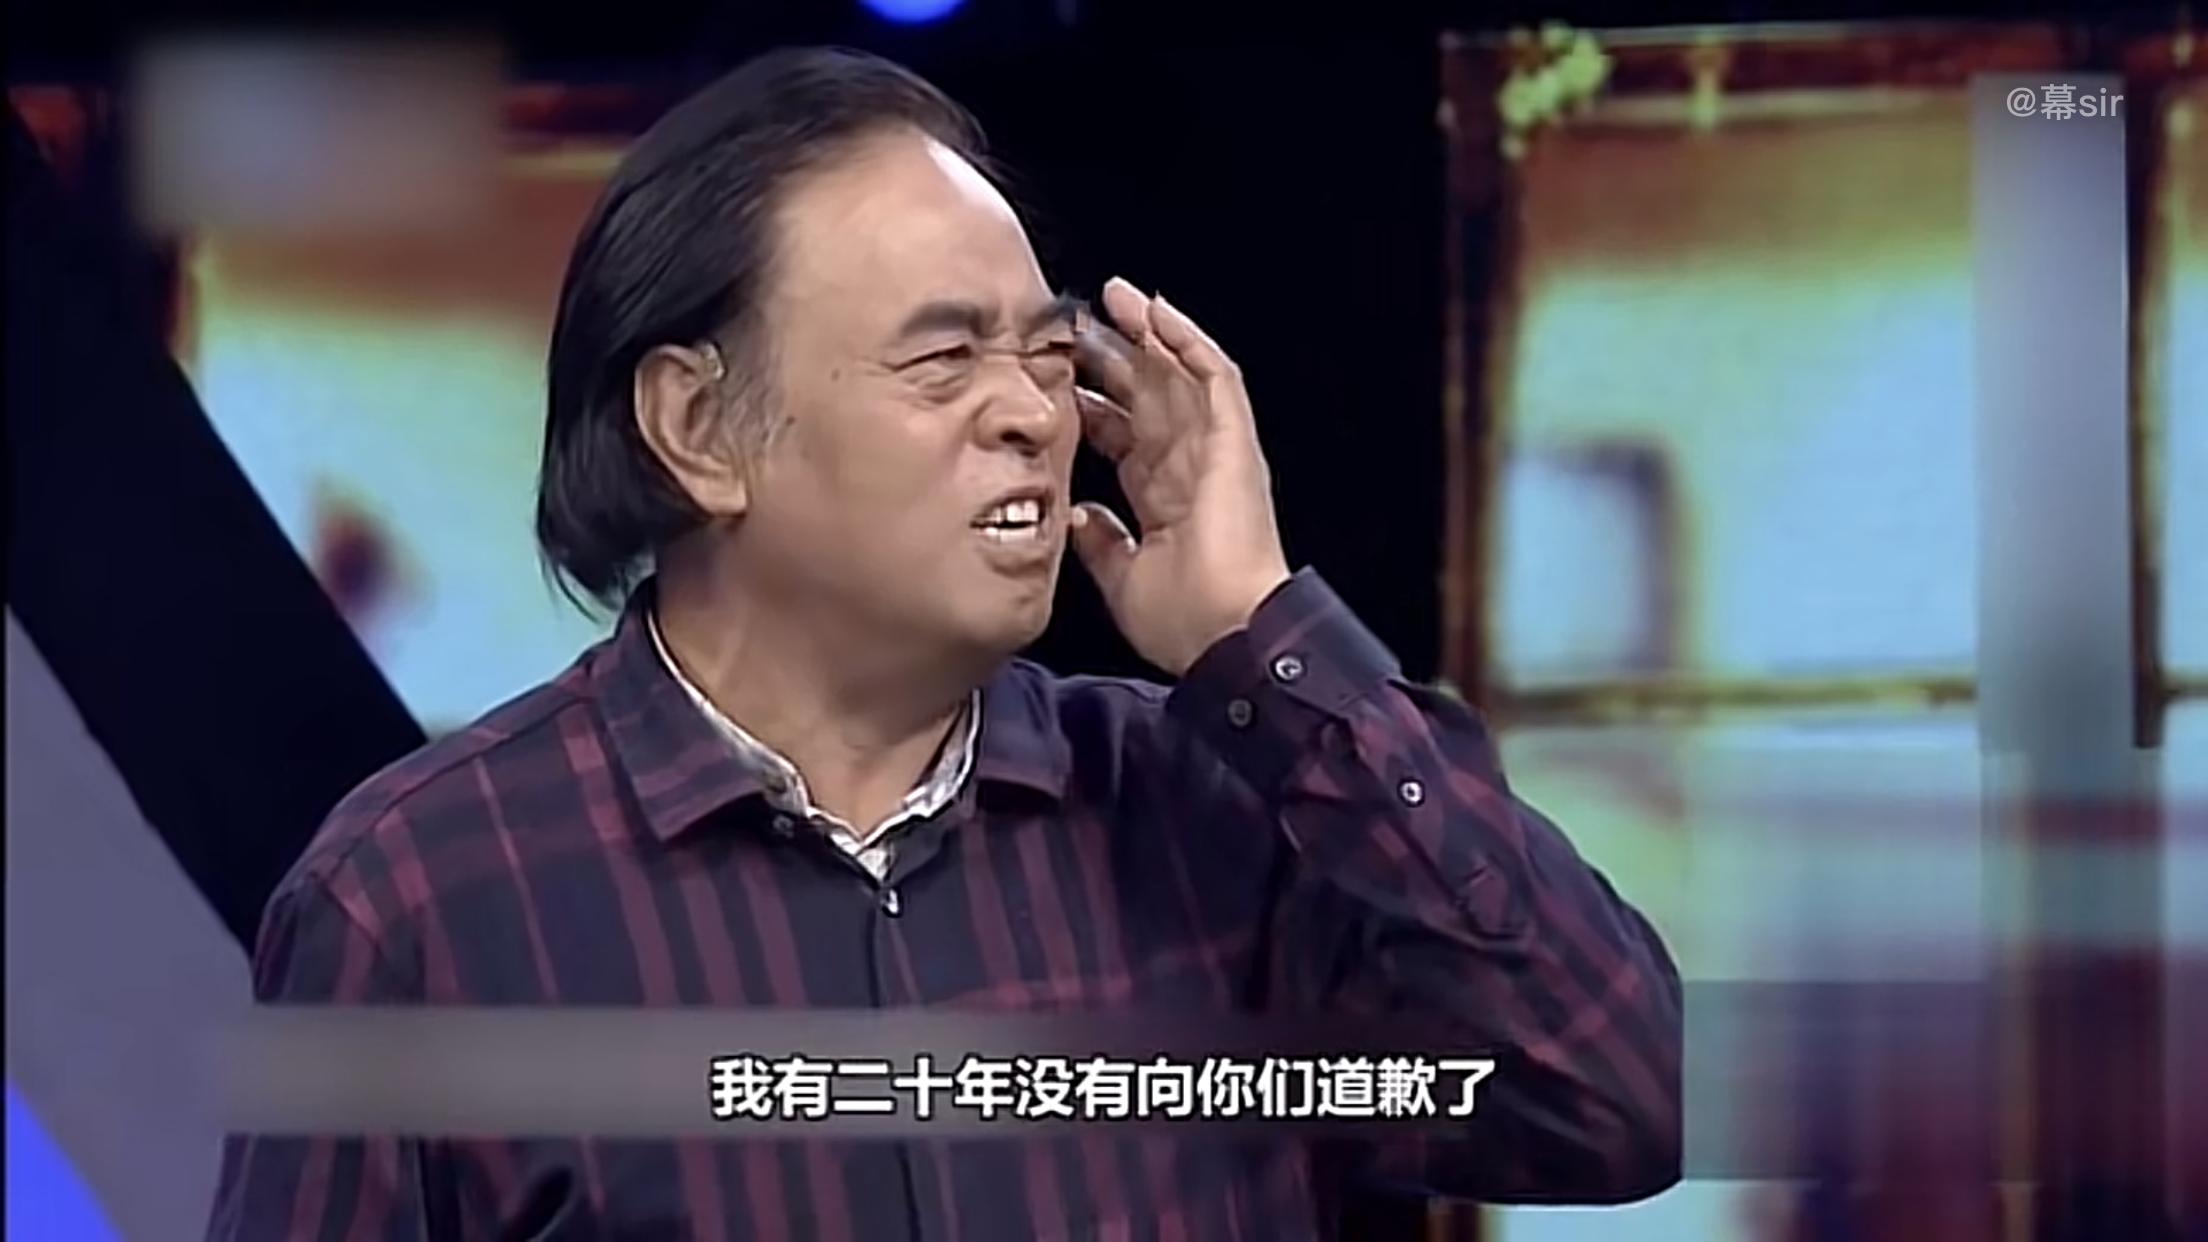 《水浒传》总导演,20年后泣不成声,致歉曾经一起拍摄的所有人